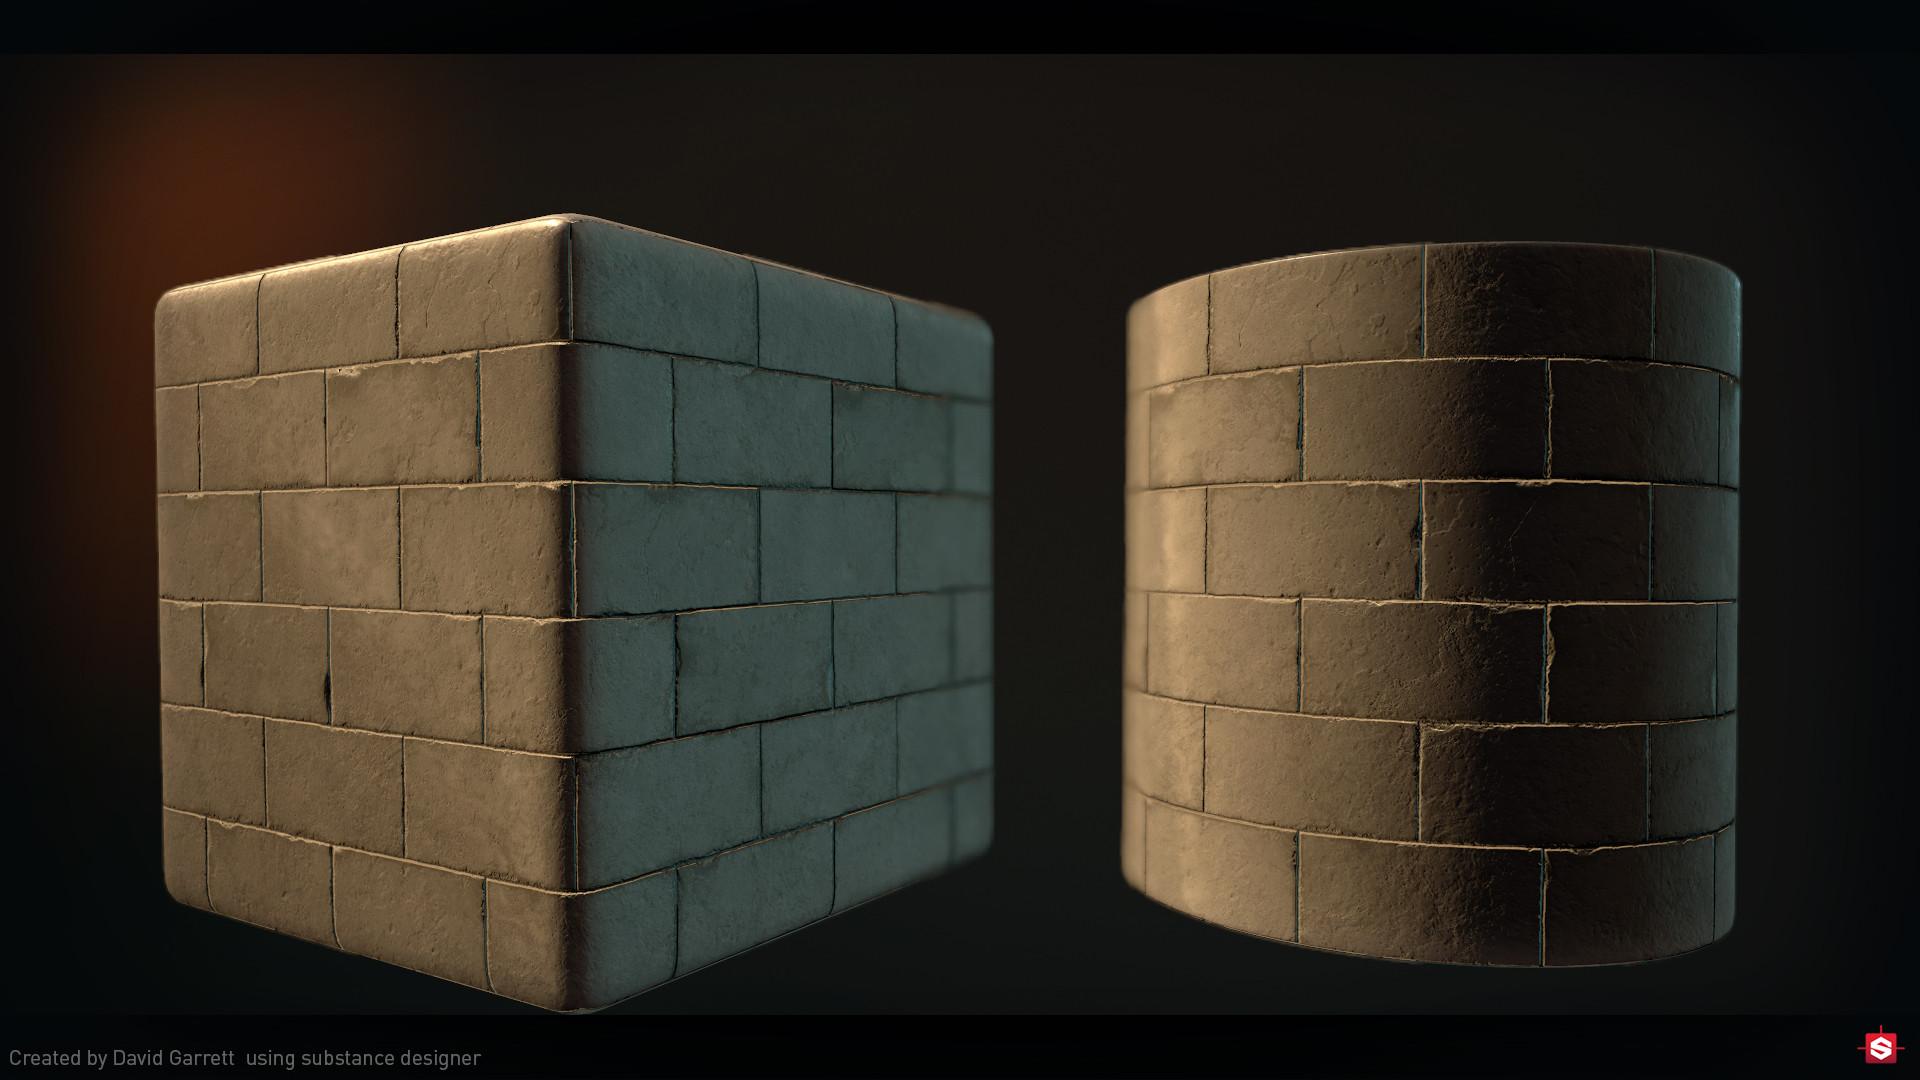 David garrett n3094311 asset shot material brick clean